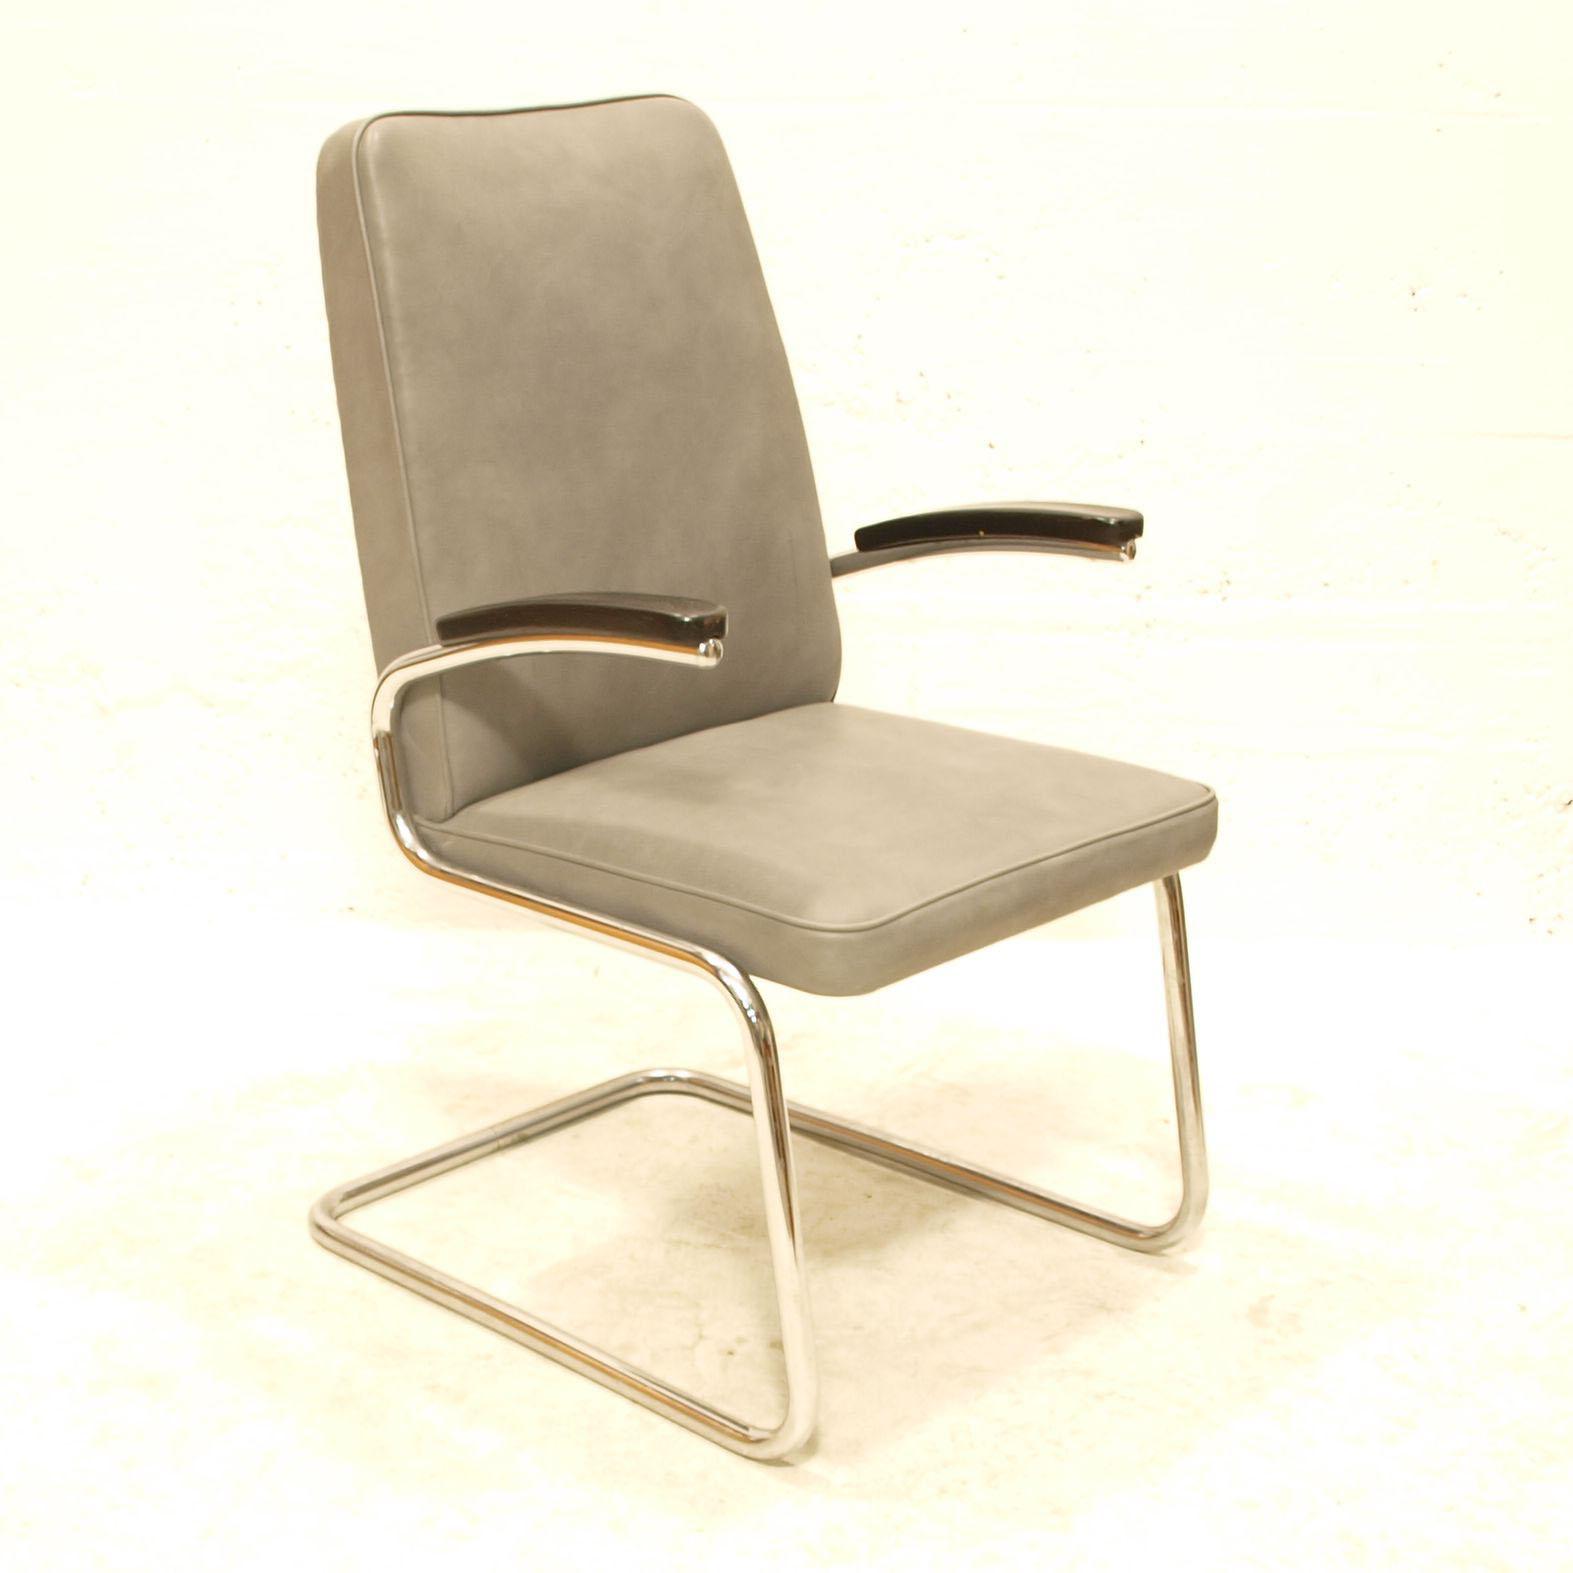 freischwinger grau schwarz m bel z rich vintagem bel. Black Bedroom Furniture Sets. Home Design Ideas